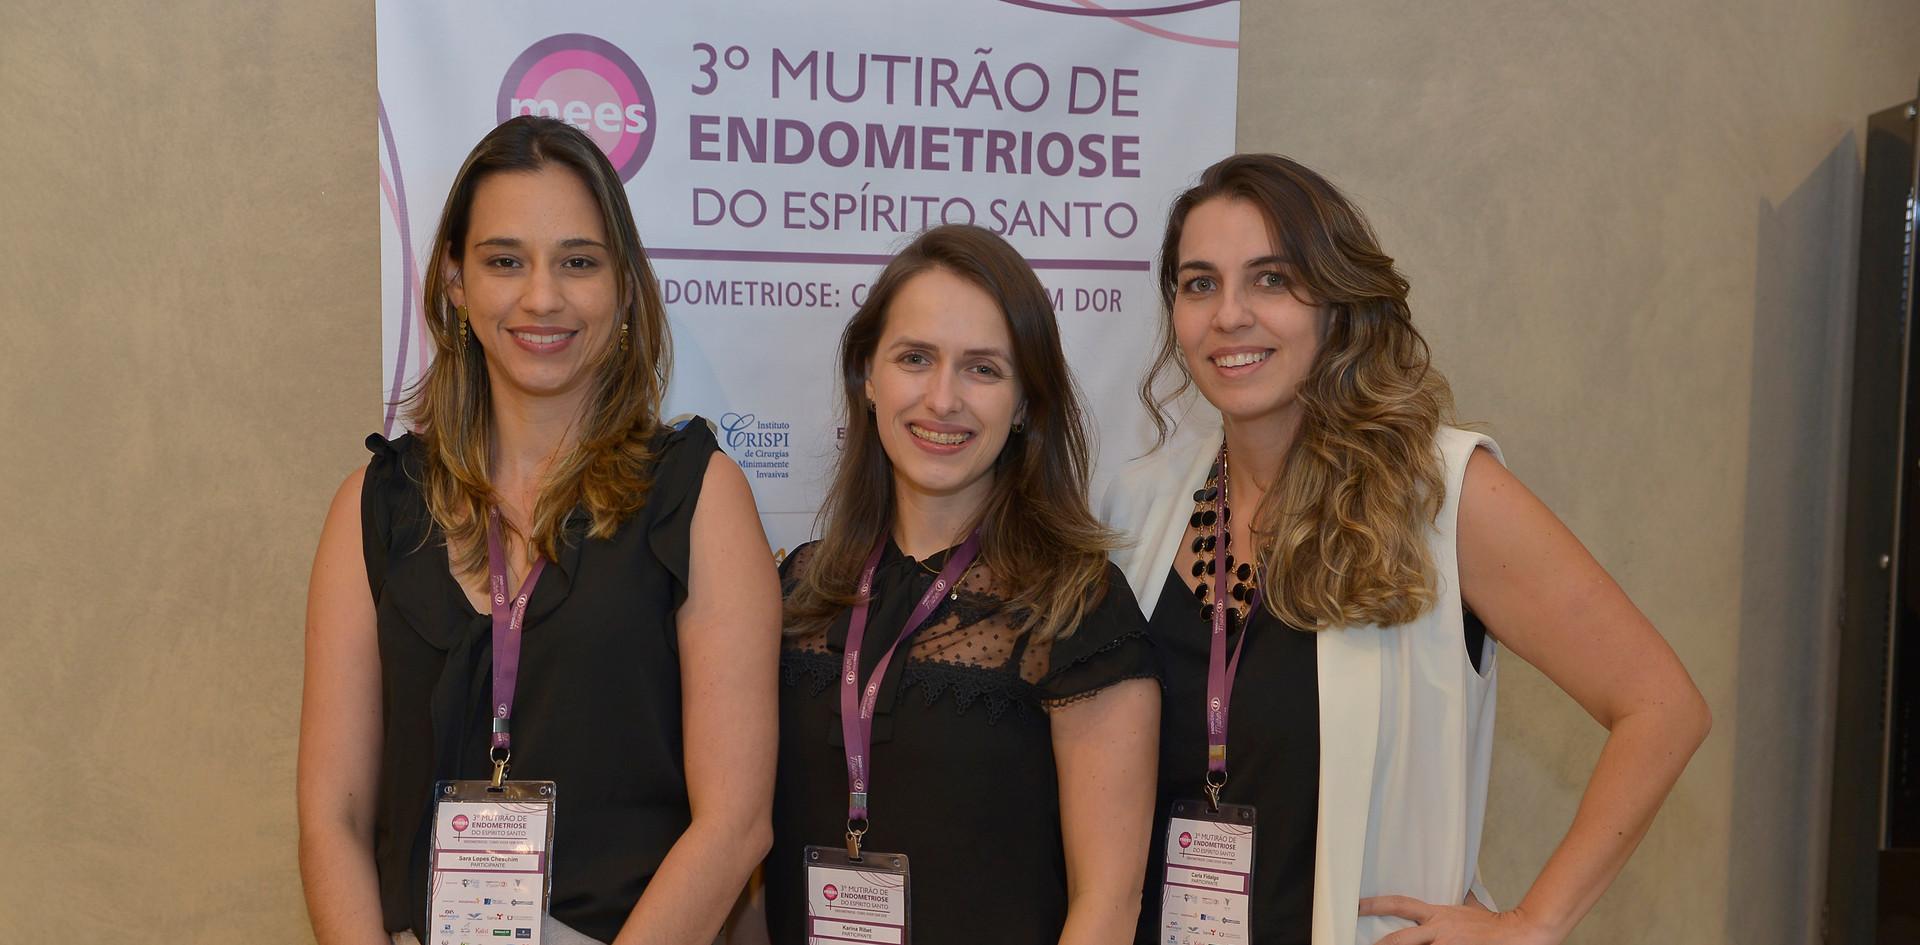 Mutirão de Endometriose 2018